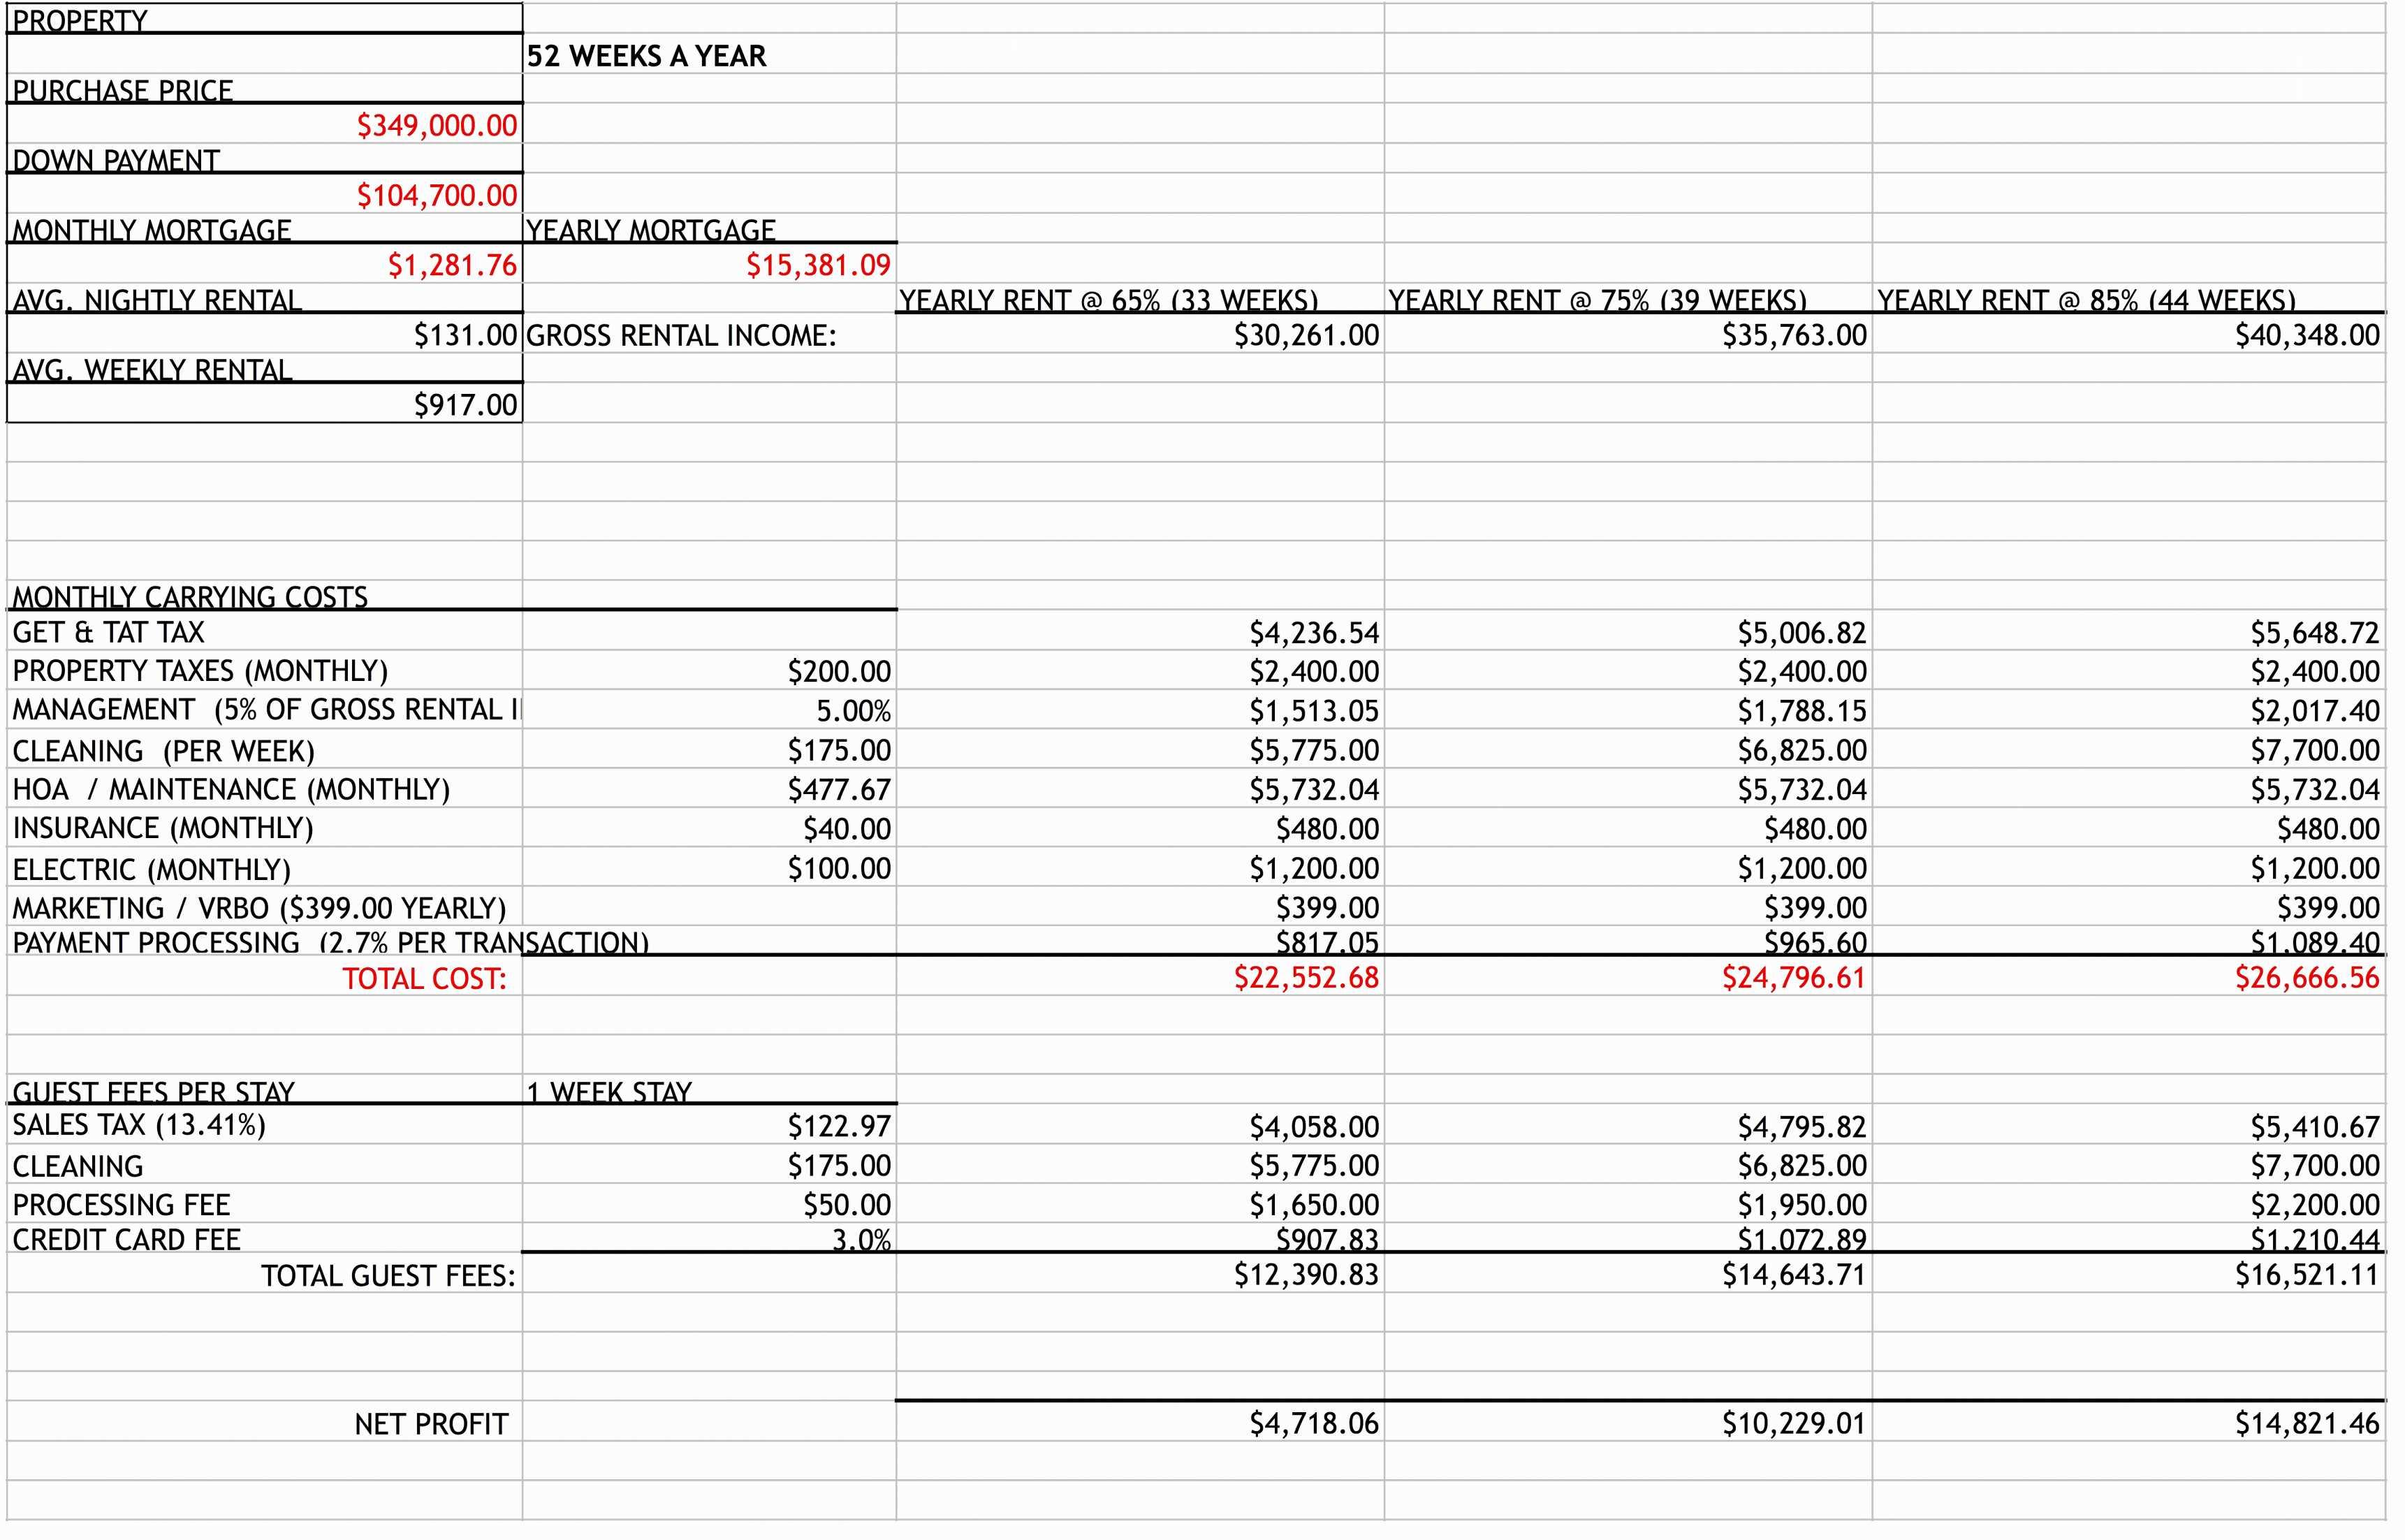 Realtor Tracking Spreadsheet Inside Realtor Expense Tracking Spreadsheet Fresh Real Estate Expense Sheet